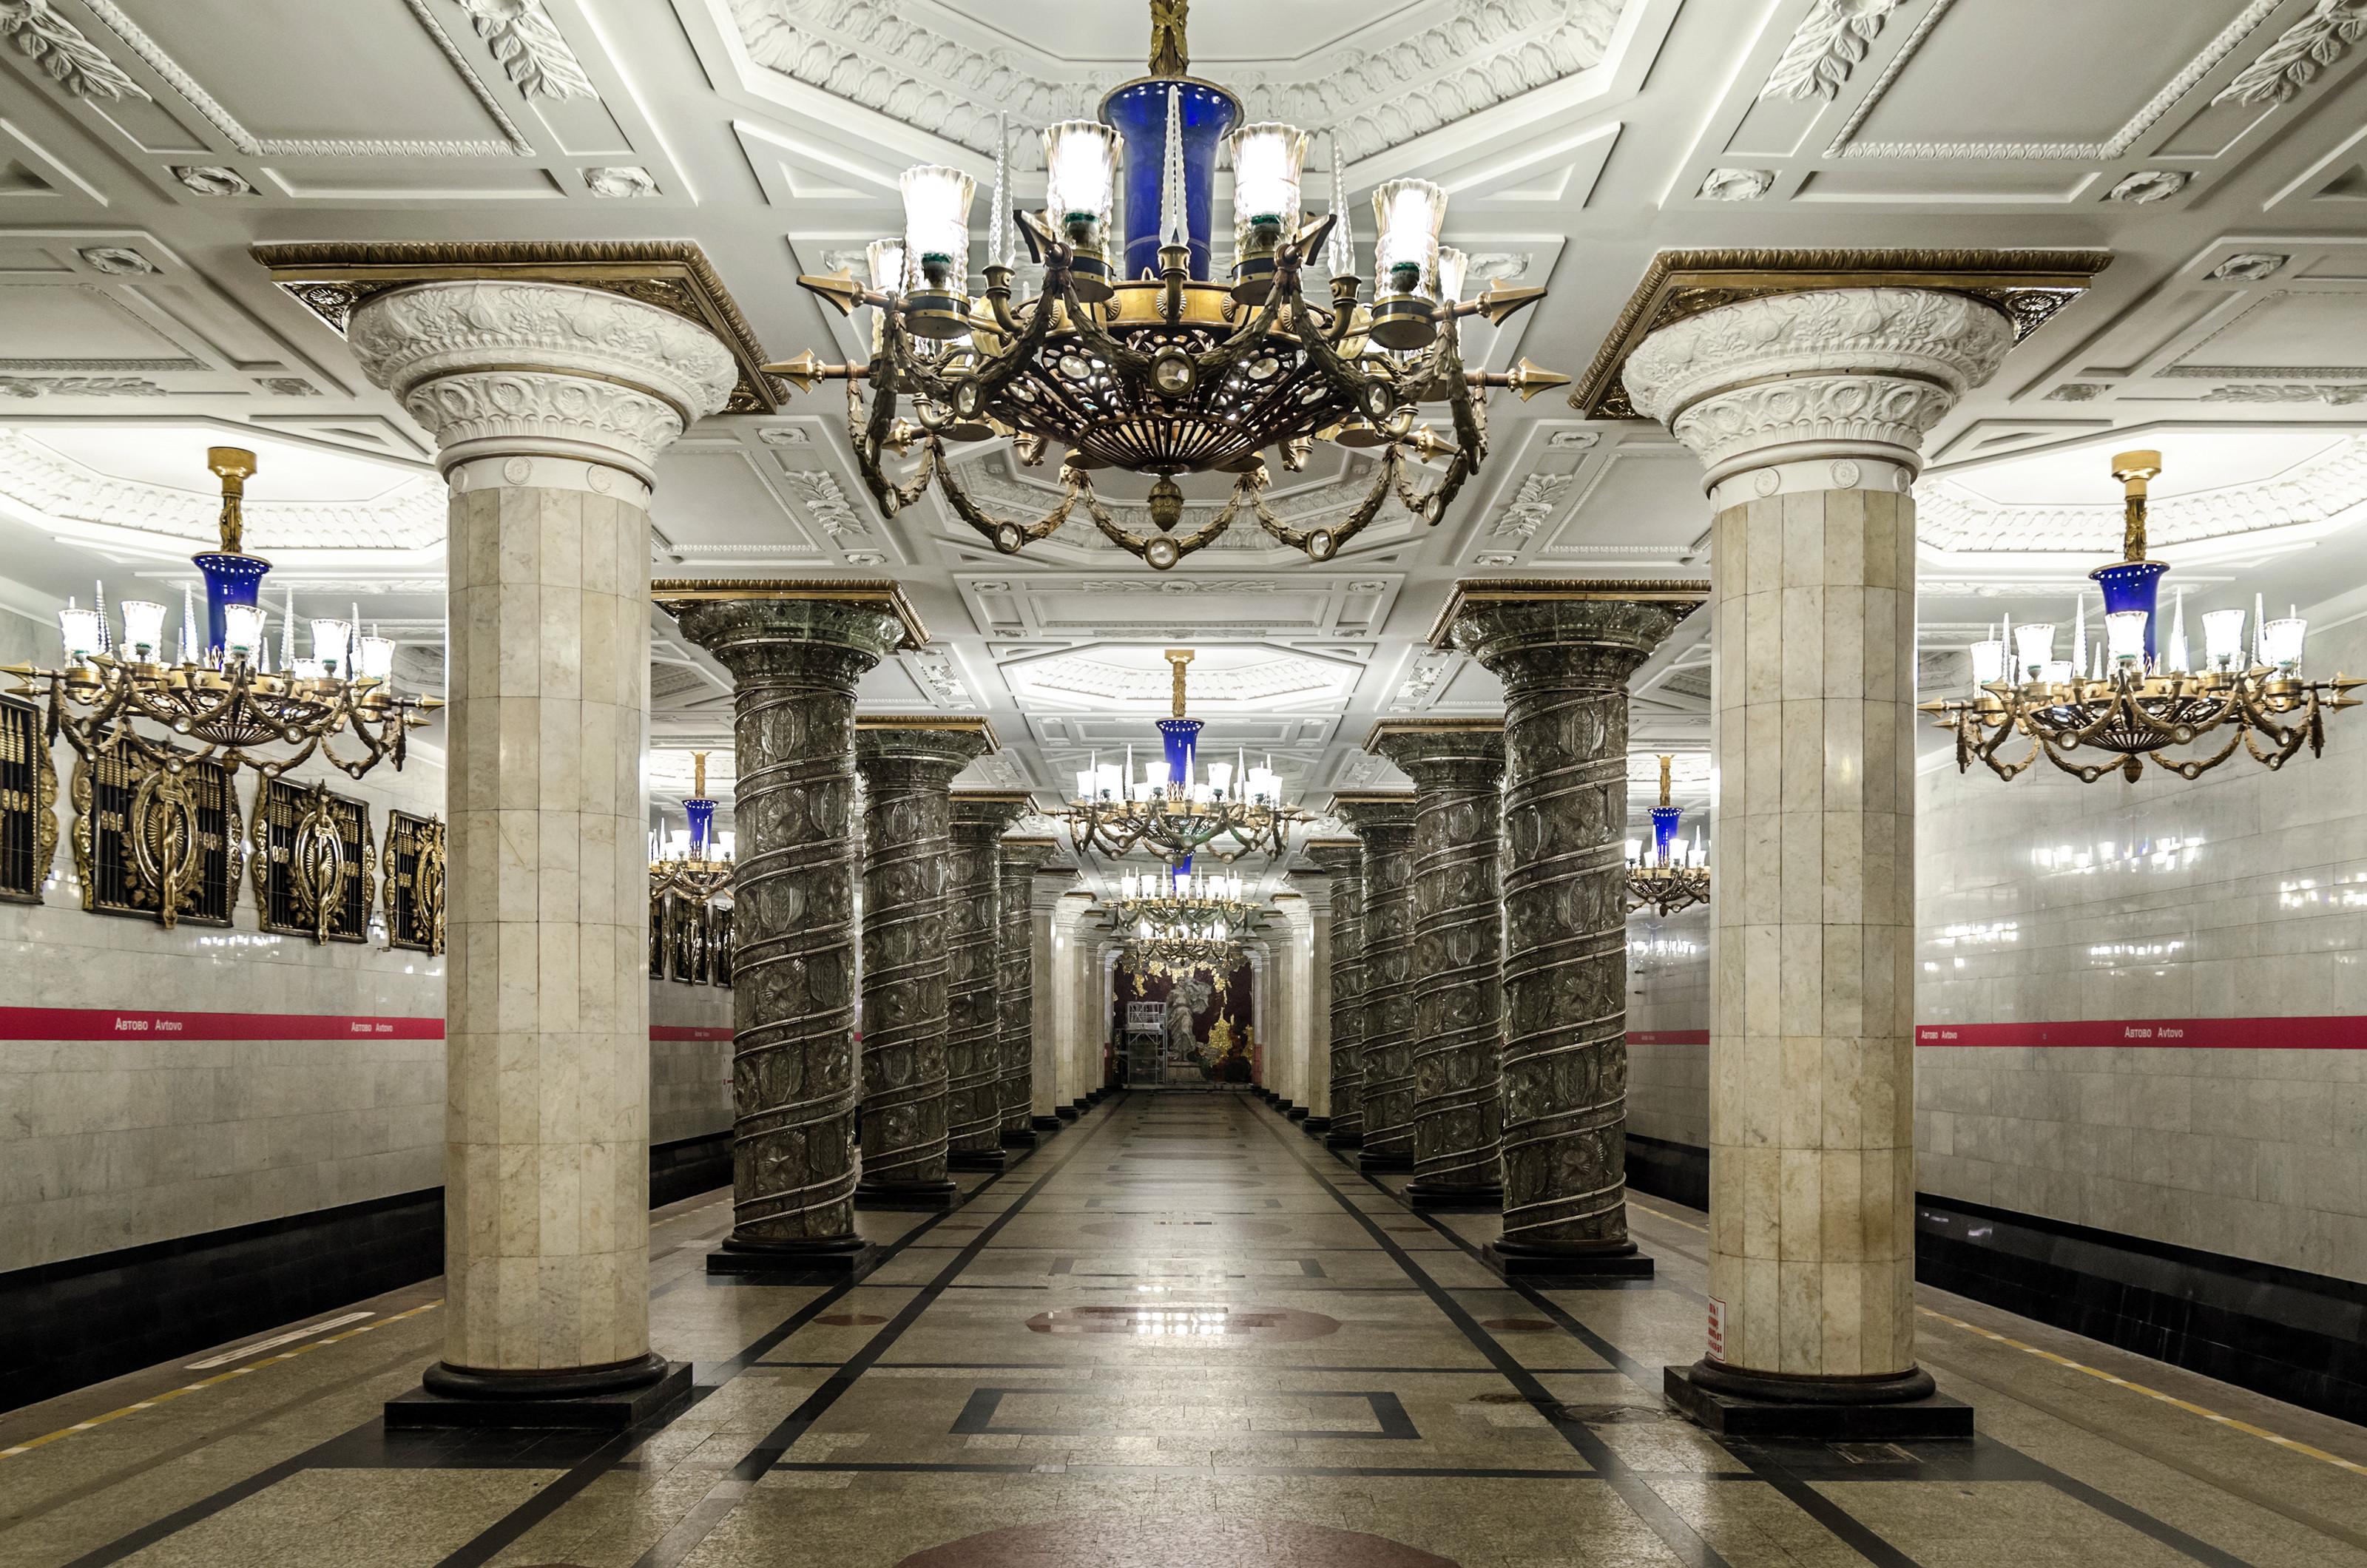 Estação Avtovo em São Petersburgo, Rússia